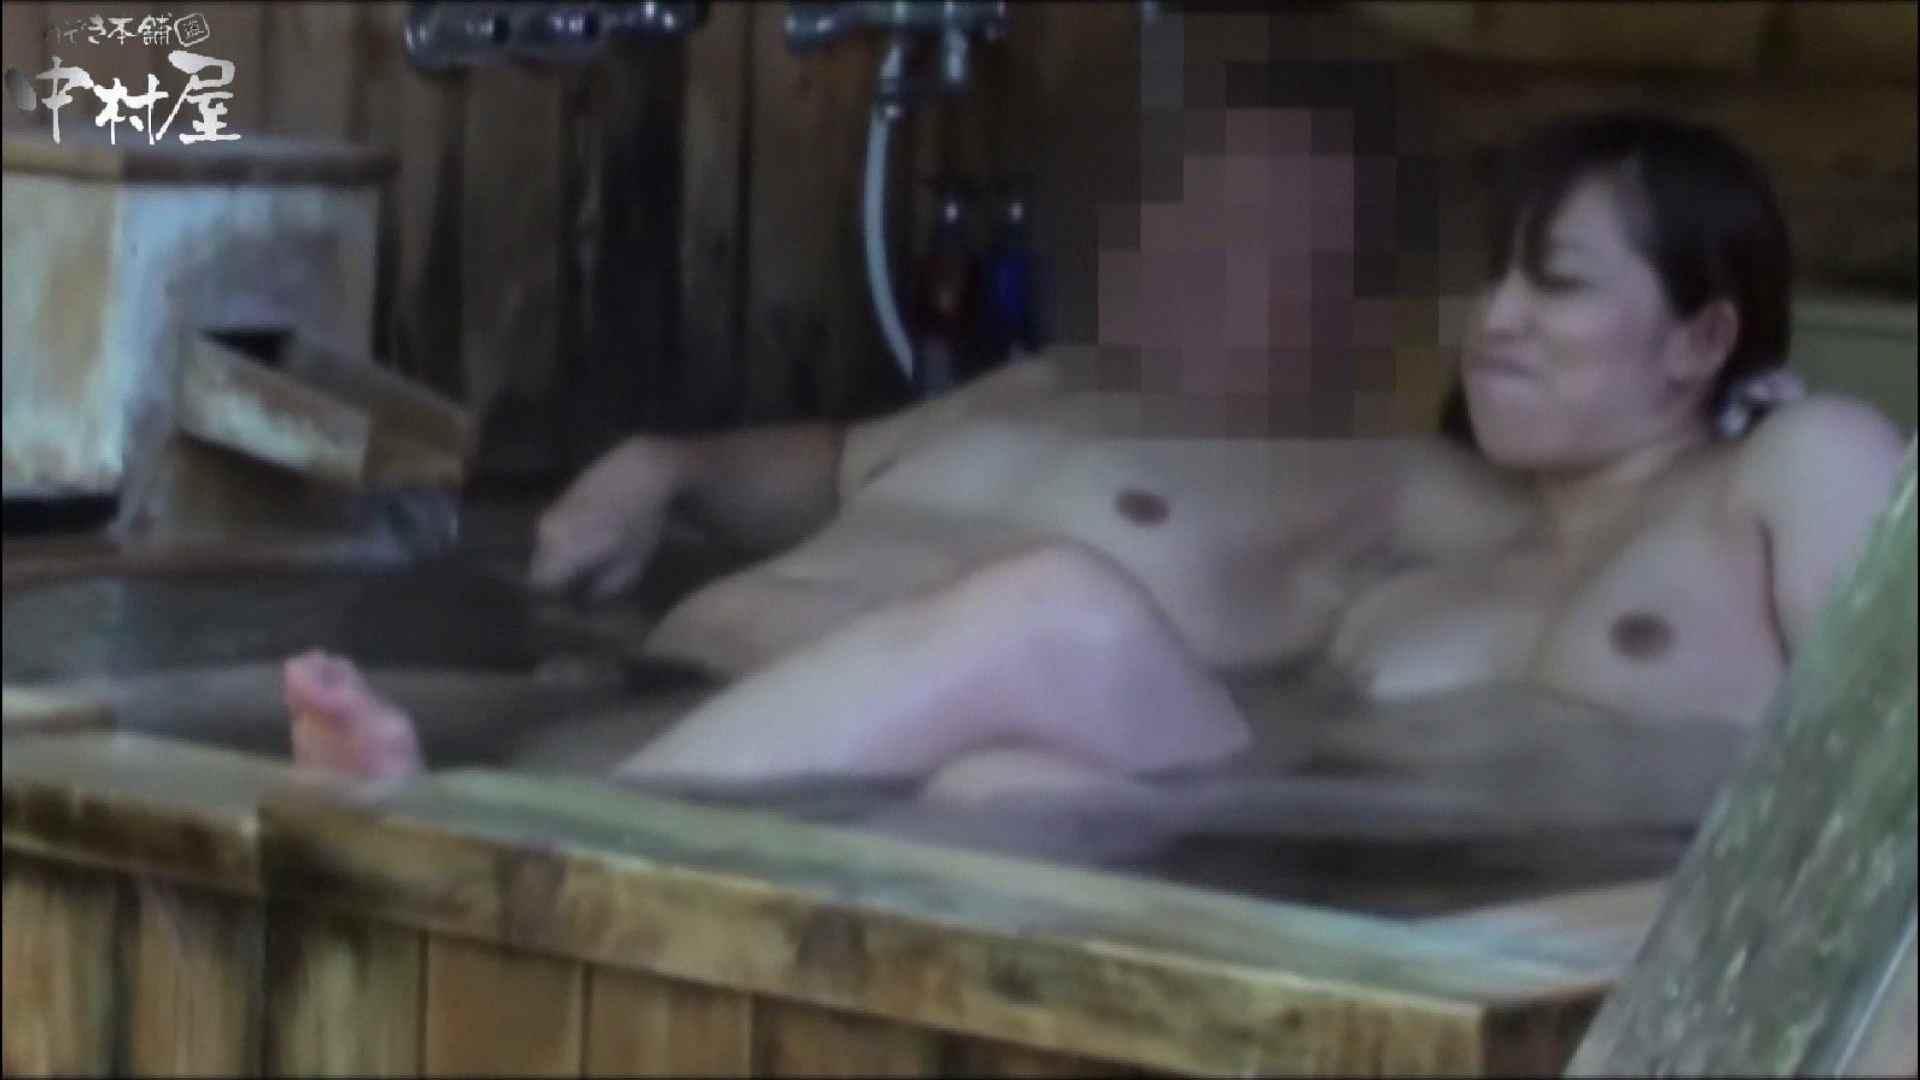 貸切露天 発情カップル! vol.03 入浴 盗撮動画紹介 110PIX 16